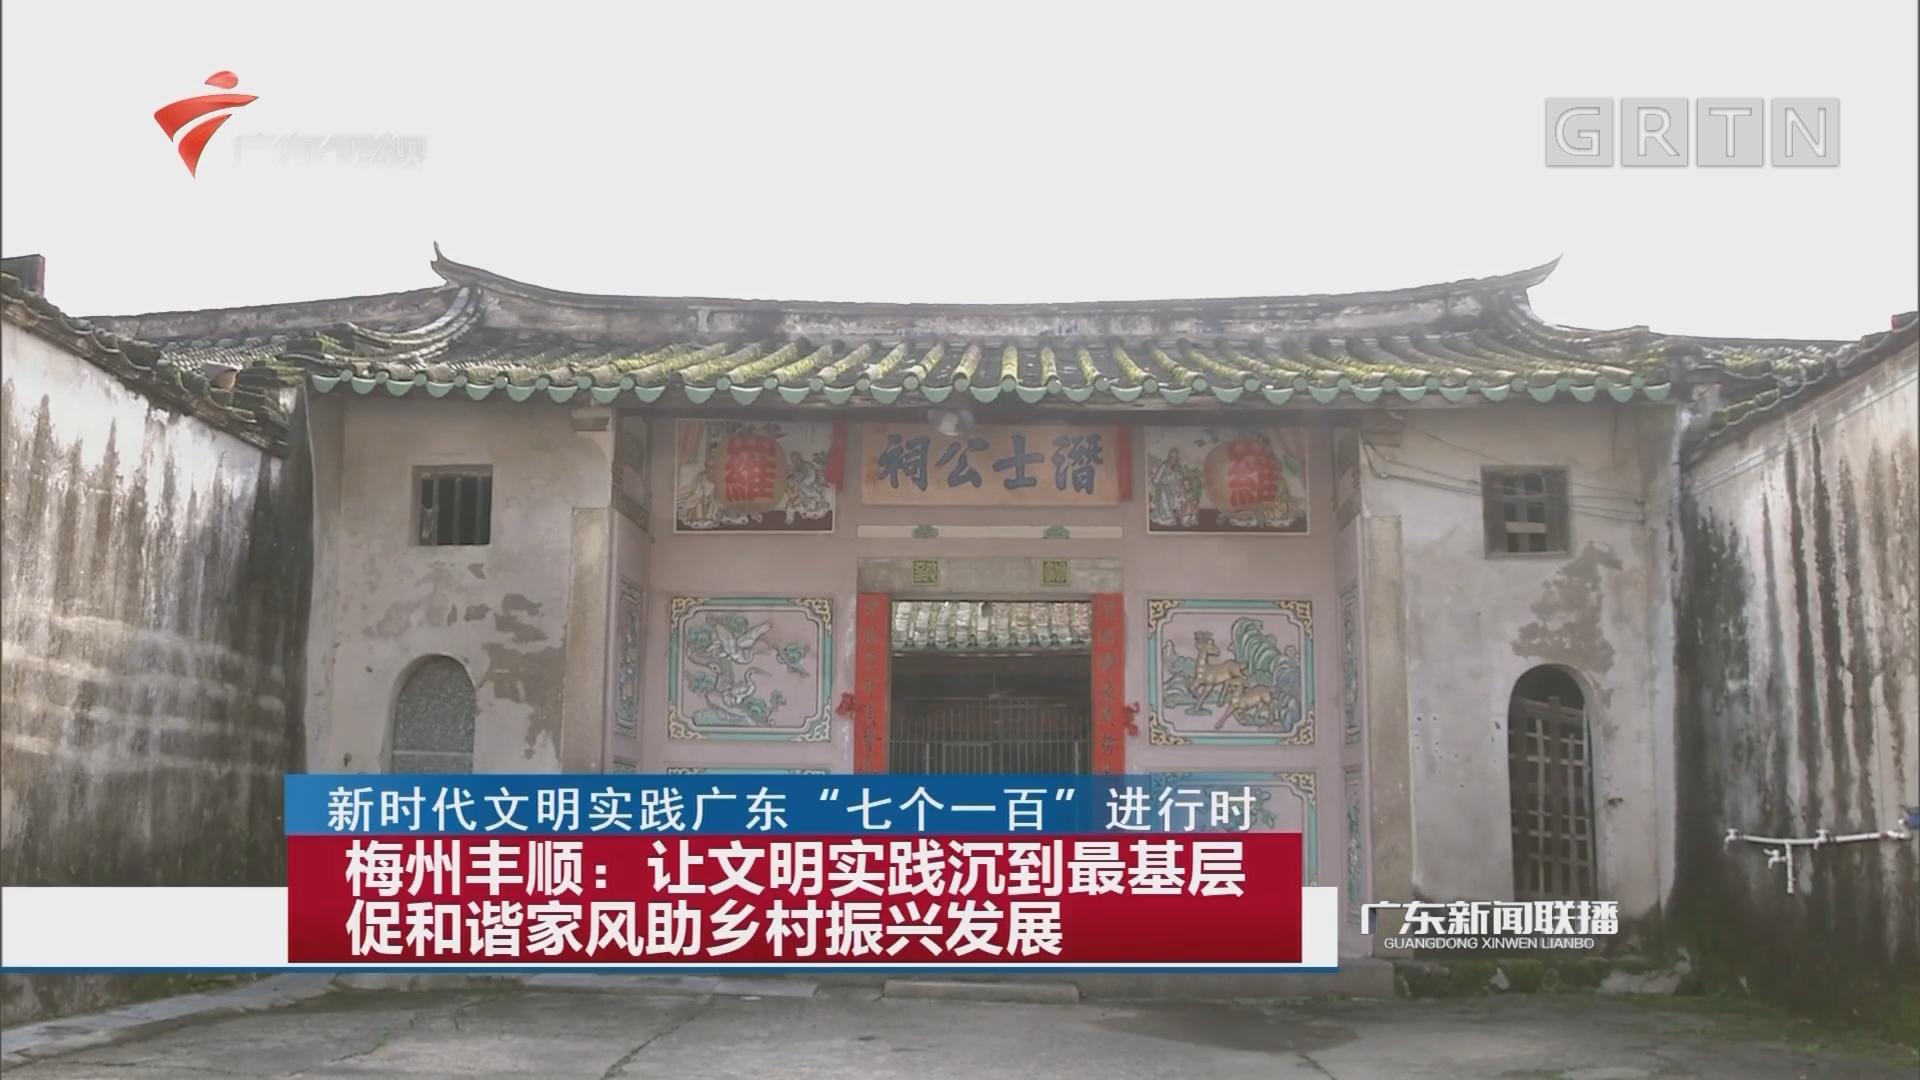 梅州丰顺:让文明实践沉到最基层 促和谐家风助乡村振兴发展